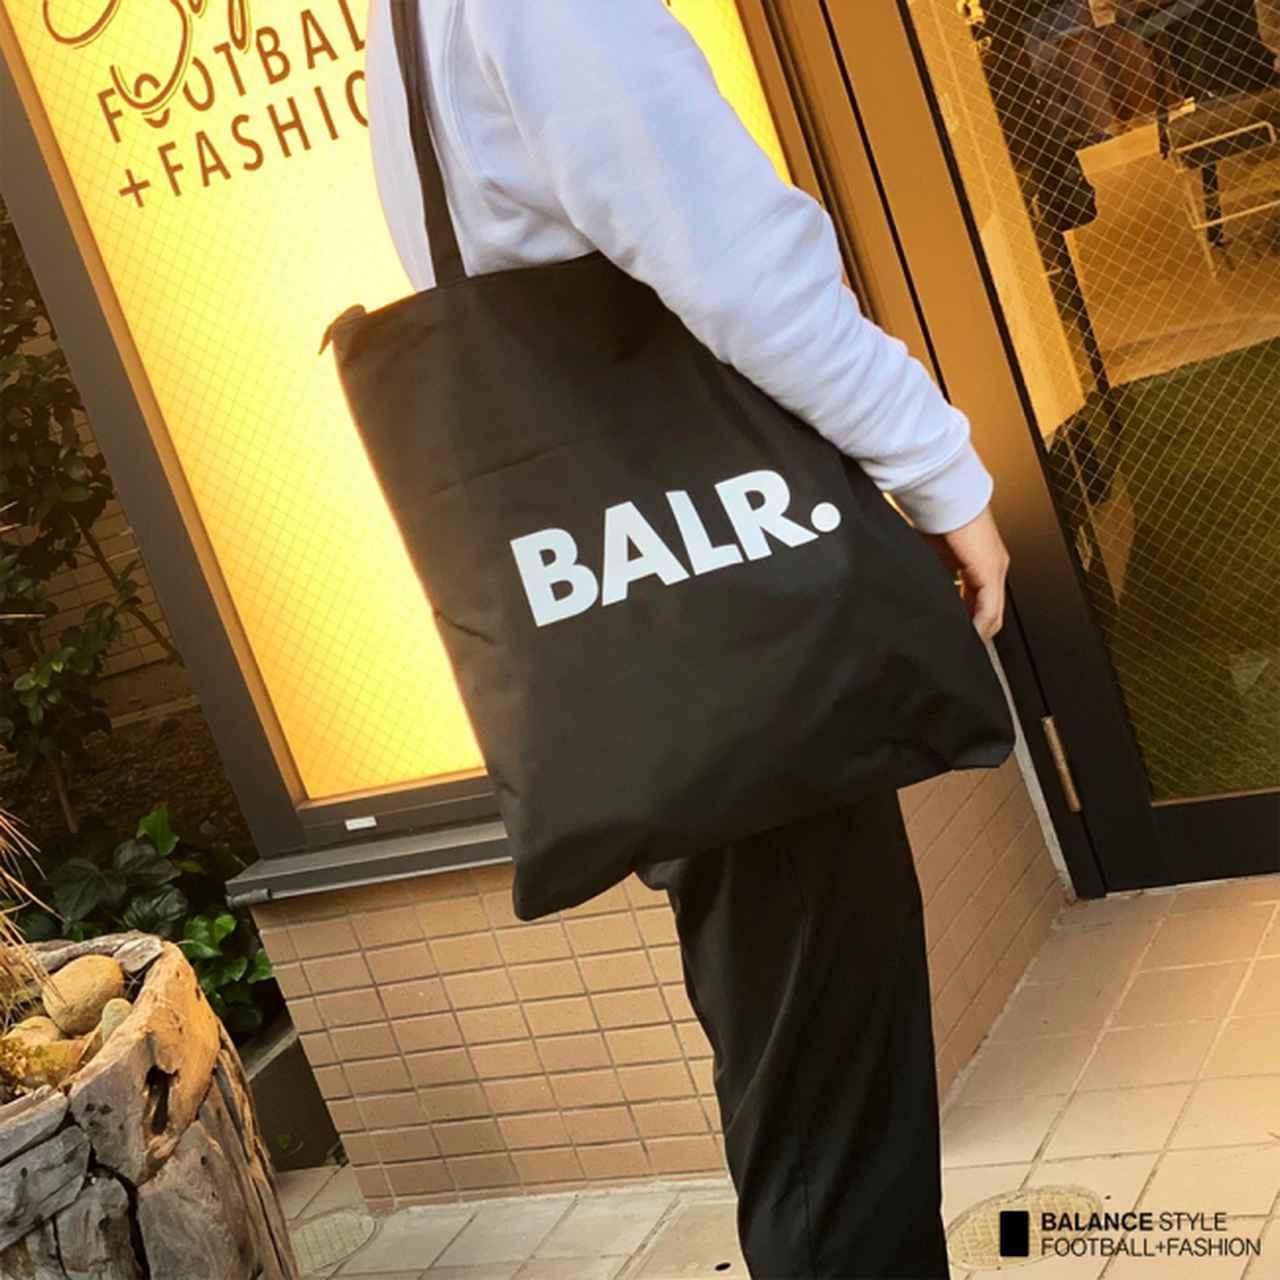 画像2: 今なら先着でもらえる!サッカー選手御用達ブランド「BALR.」限定ショッピングバッグが登場